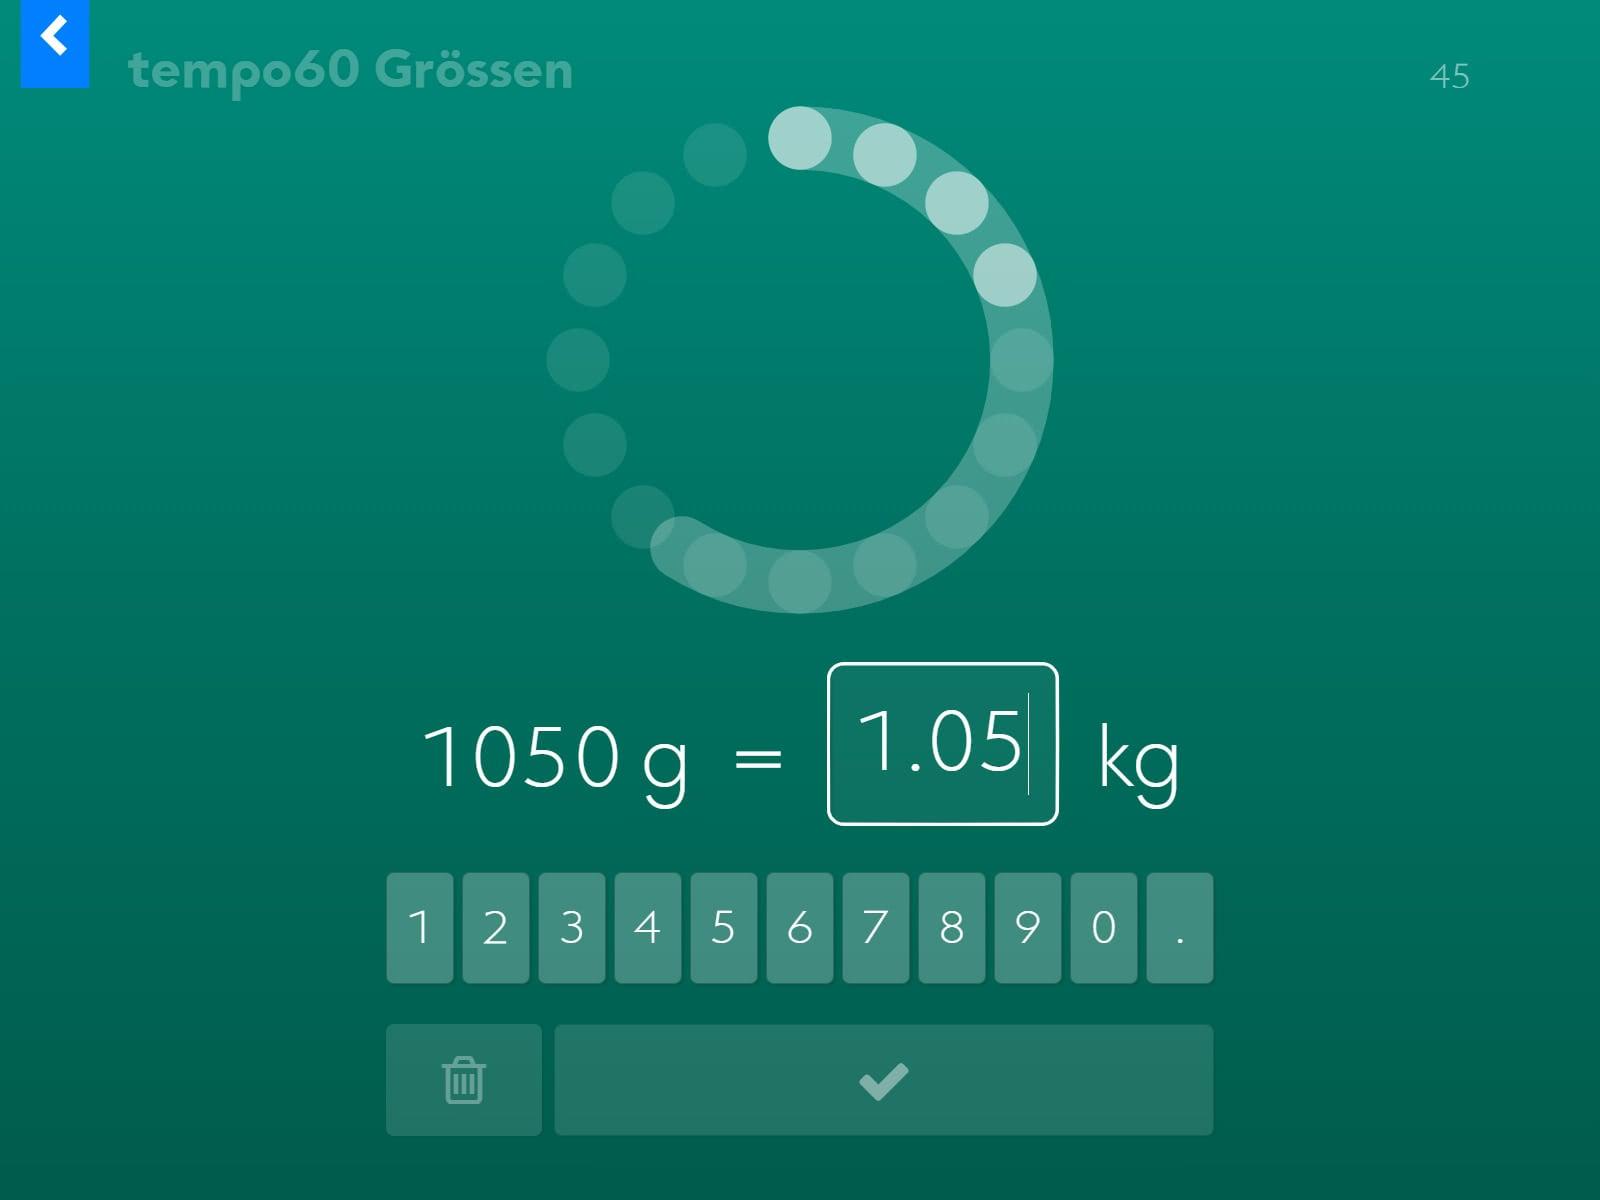 tempo60 Grössen Background 5